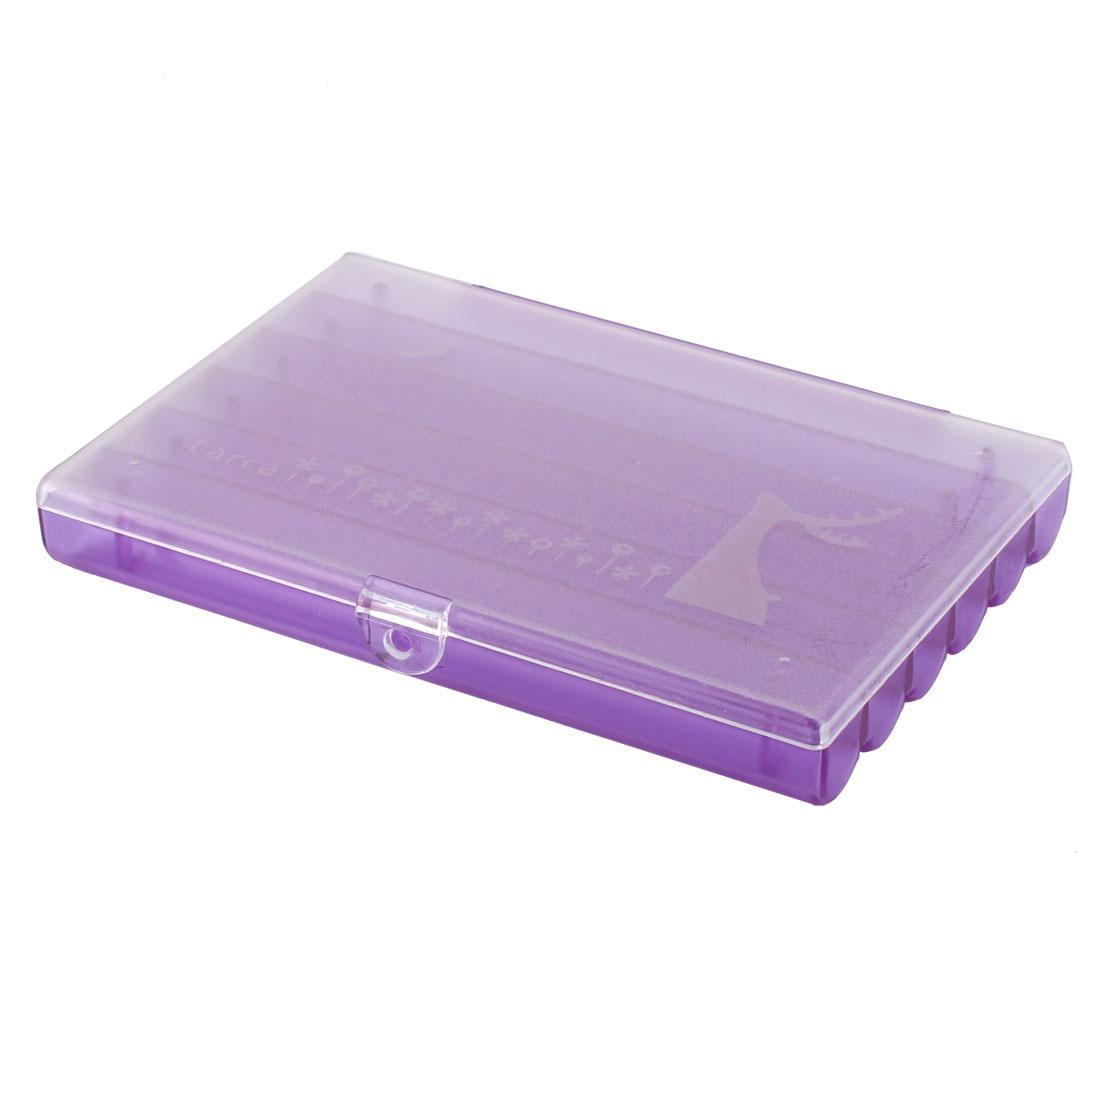 Home Plastic 6 Compartments Medicine Jewelry Box Organizer Holder Clear Purple